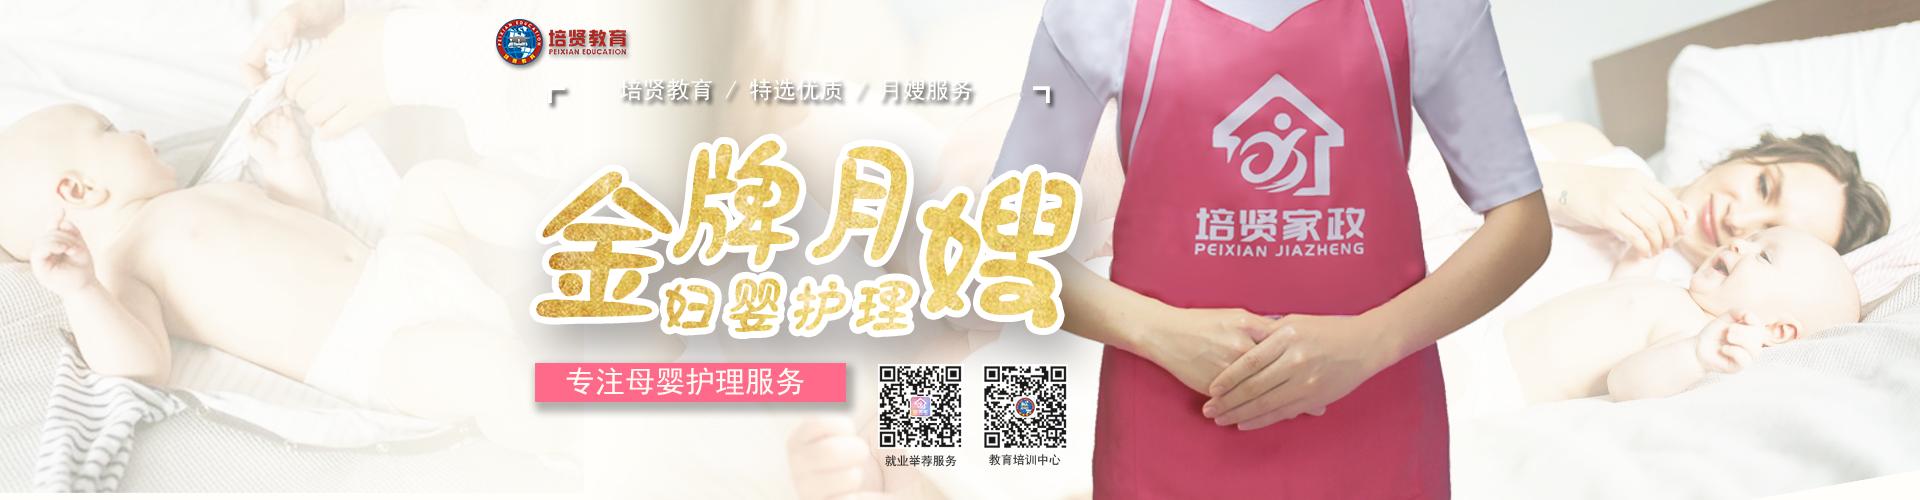 广州月嫂培训_催乳产康母婴服务_培贤家政培训就业机构